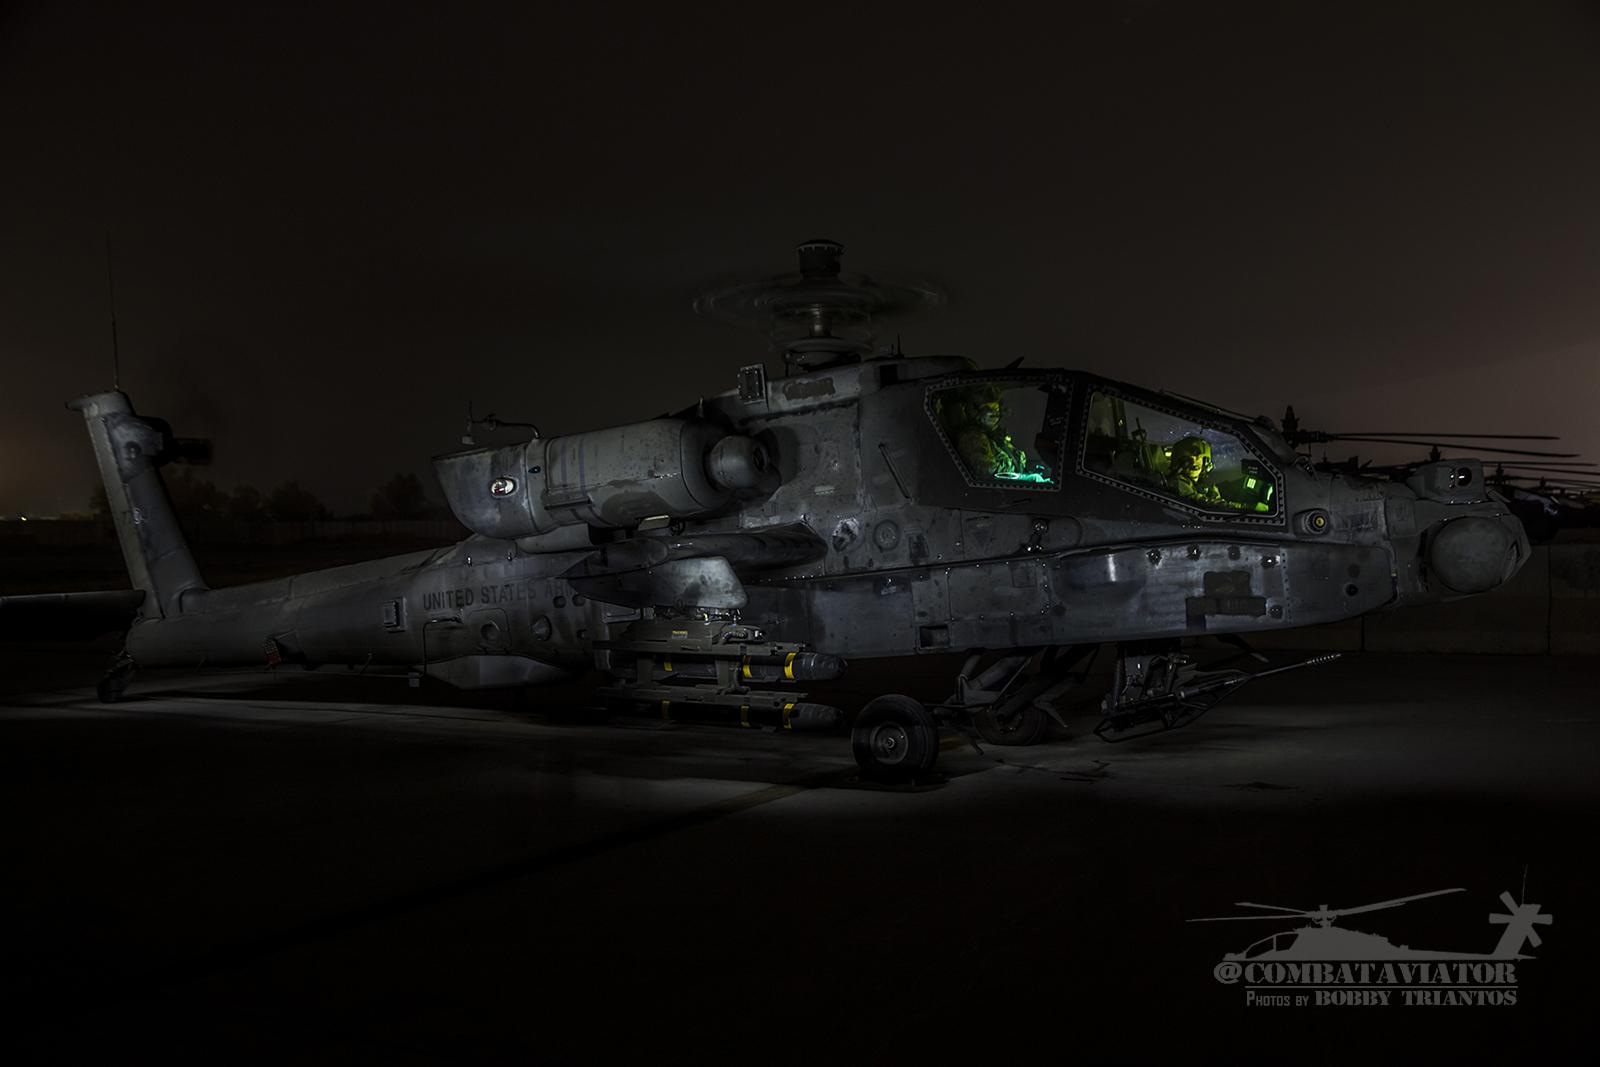 cockpitlights.jpg